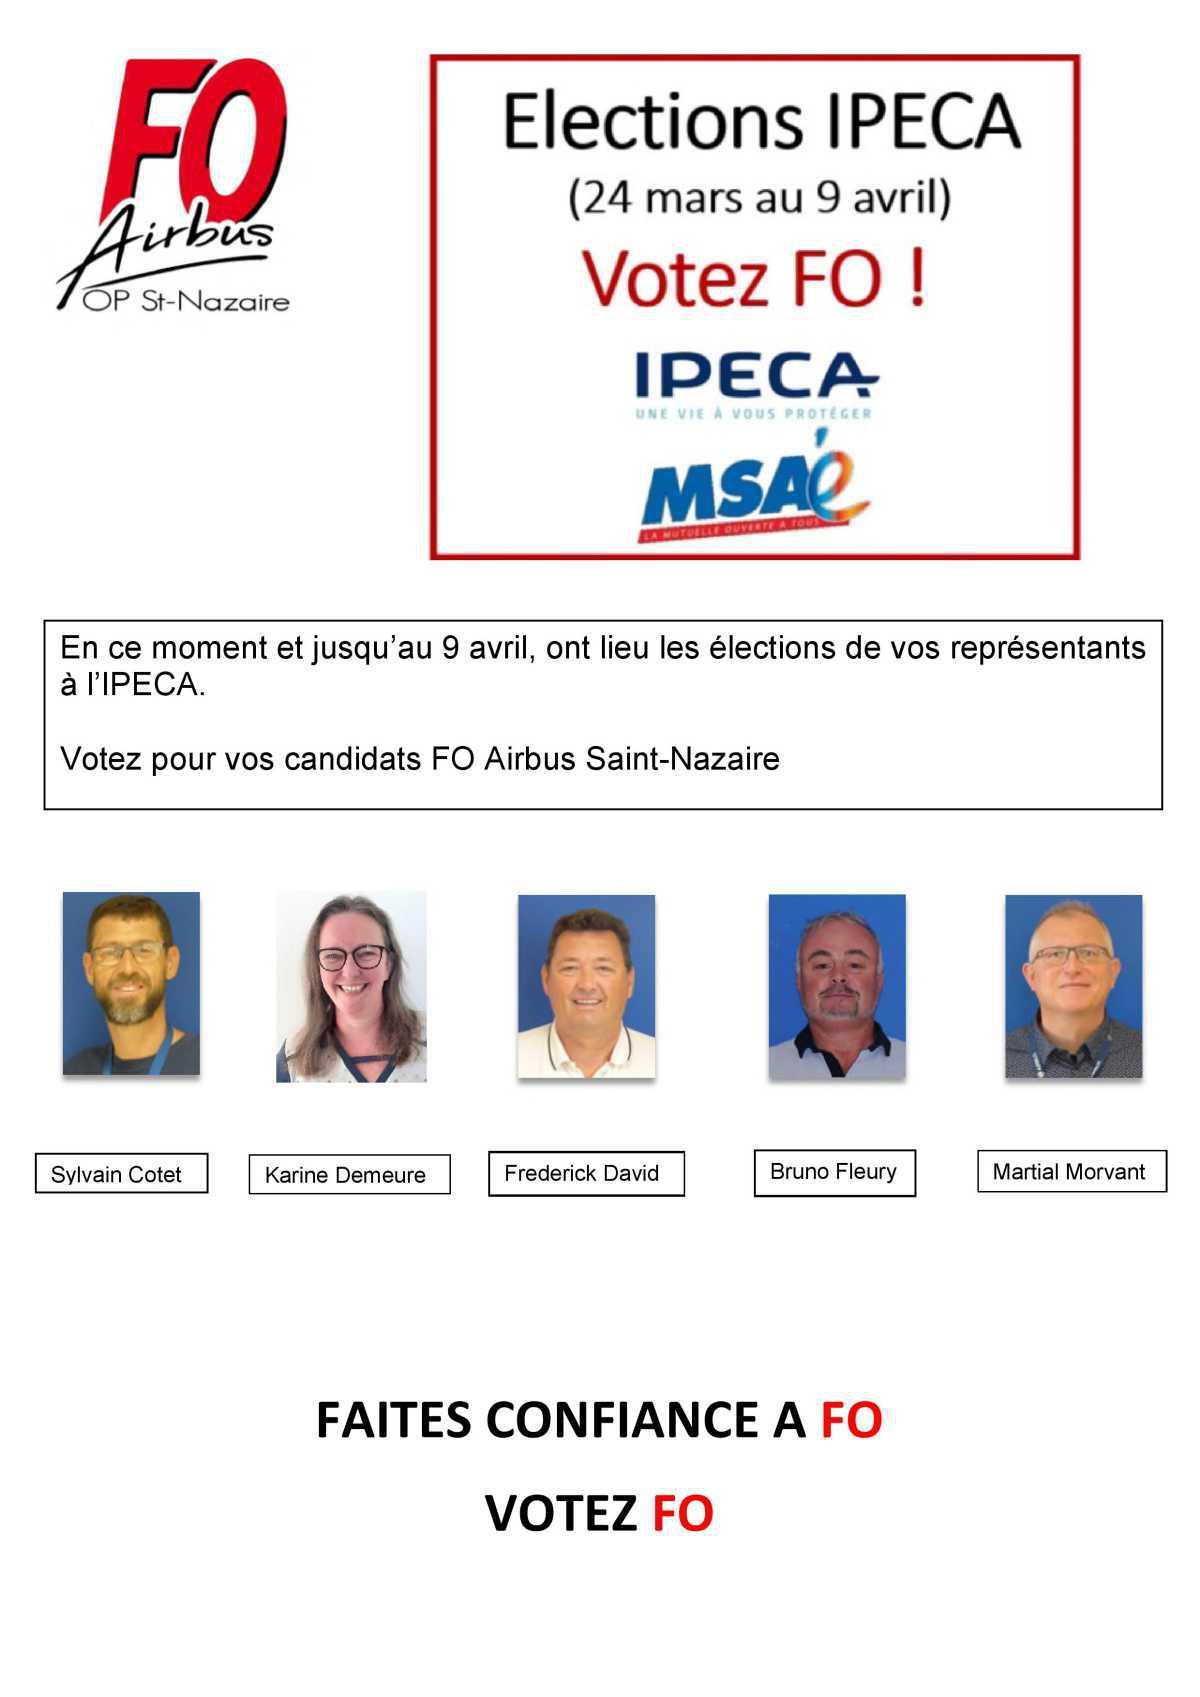 Candidats à l'élection IPECA